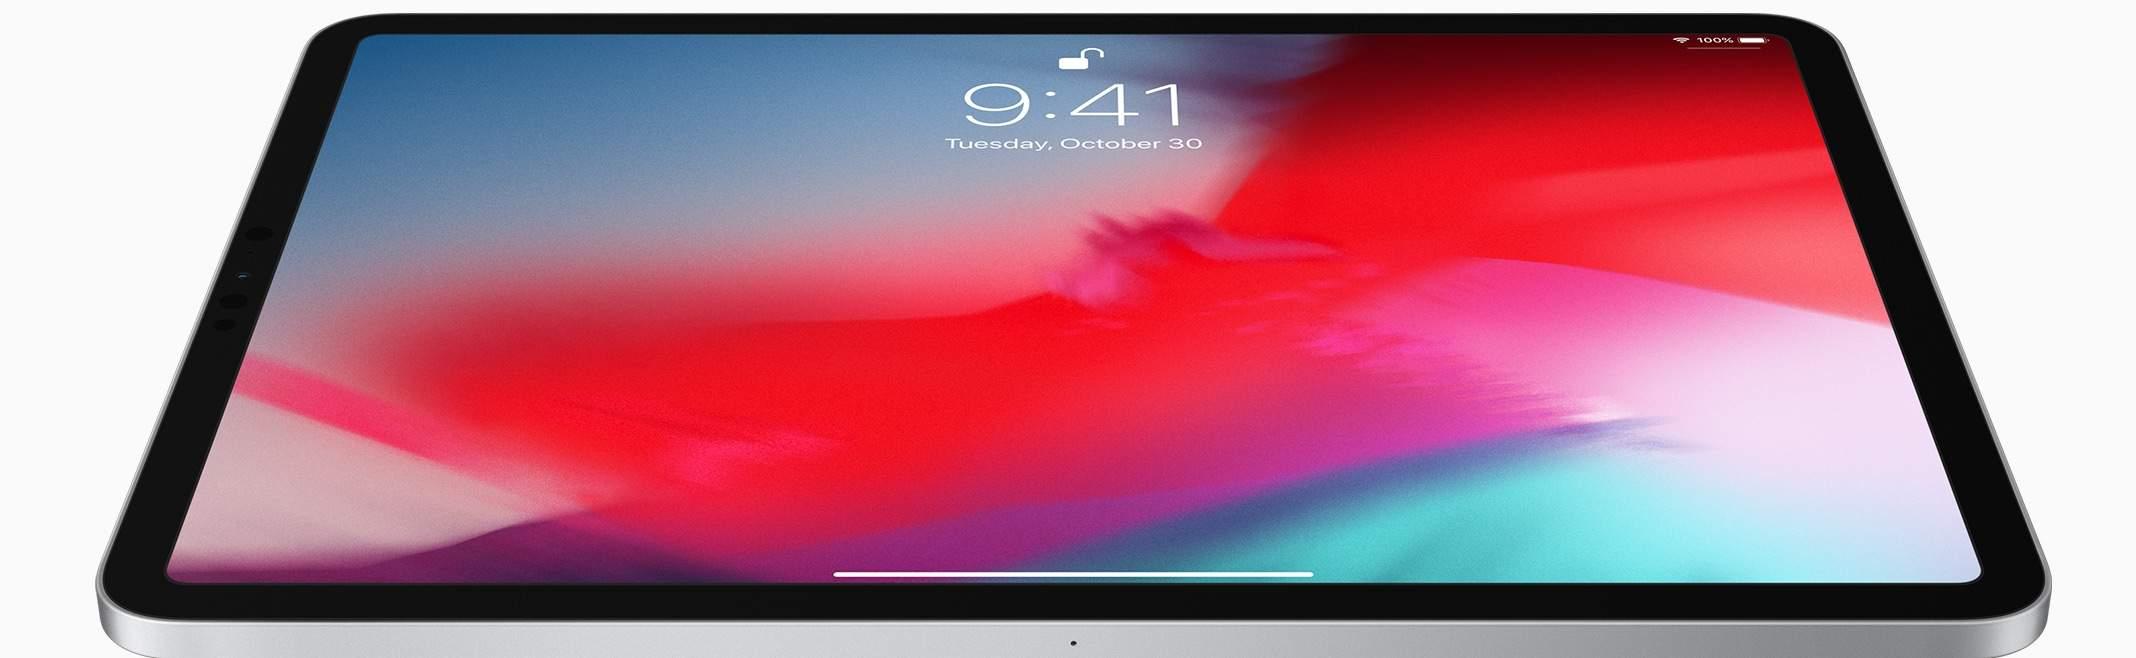 iPad Pro size comparison